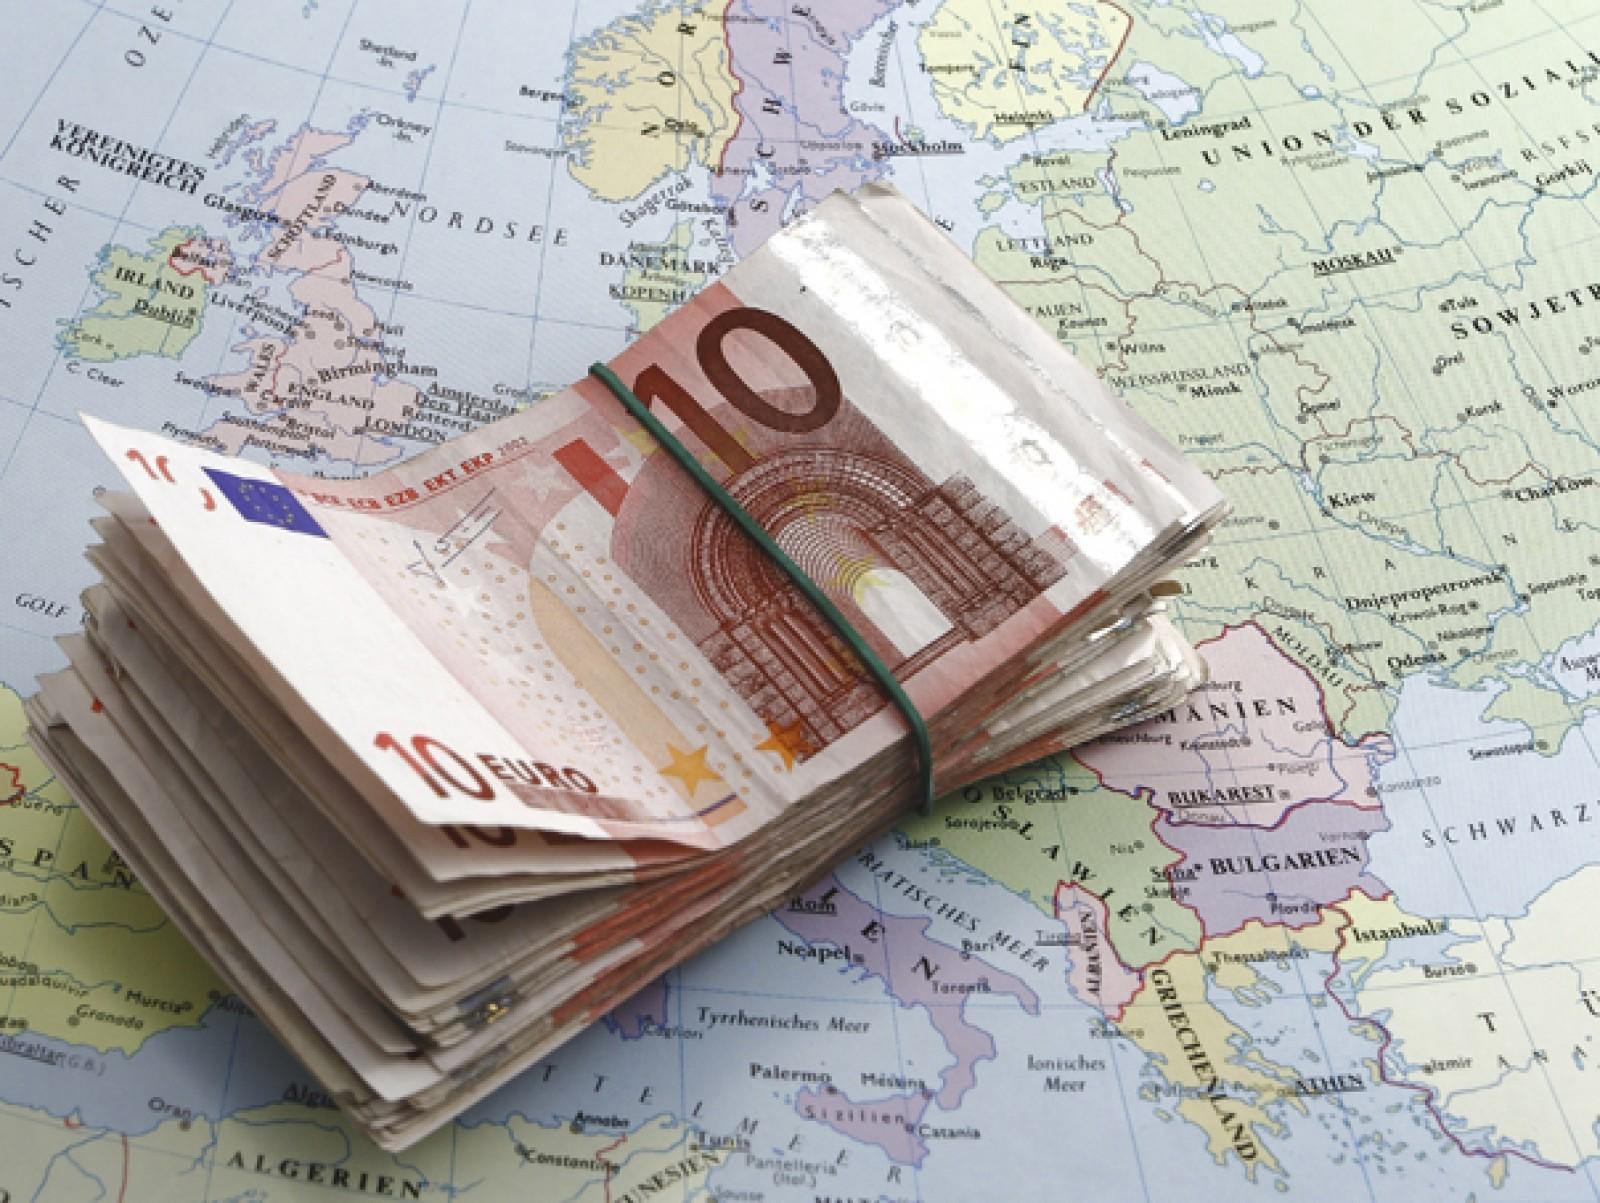 Sancţiunile aplicate Rusiei de către SUA afectează piaţa globală de aluminiu